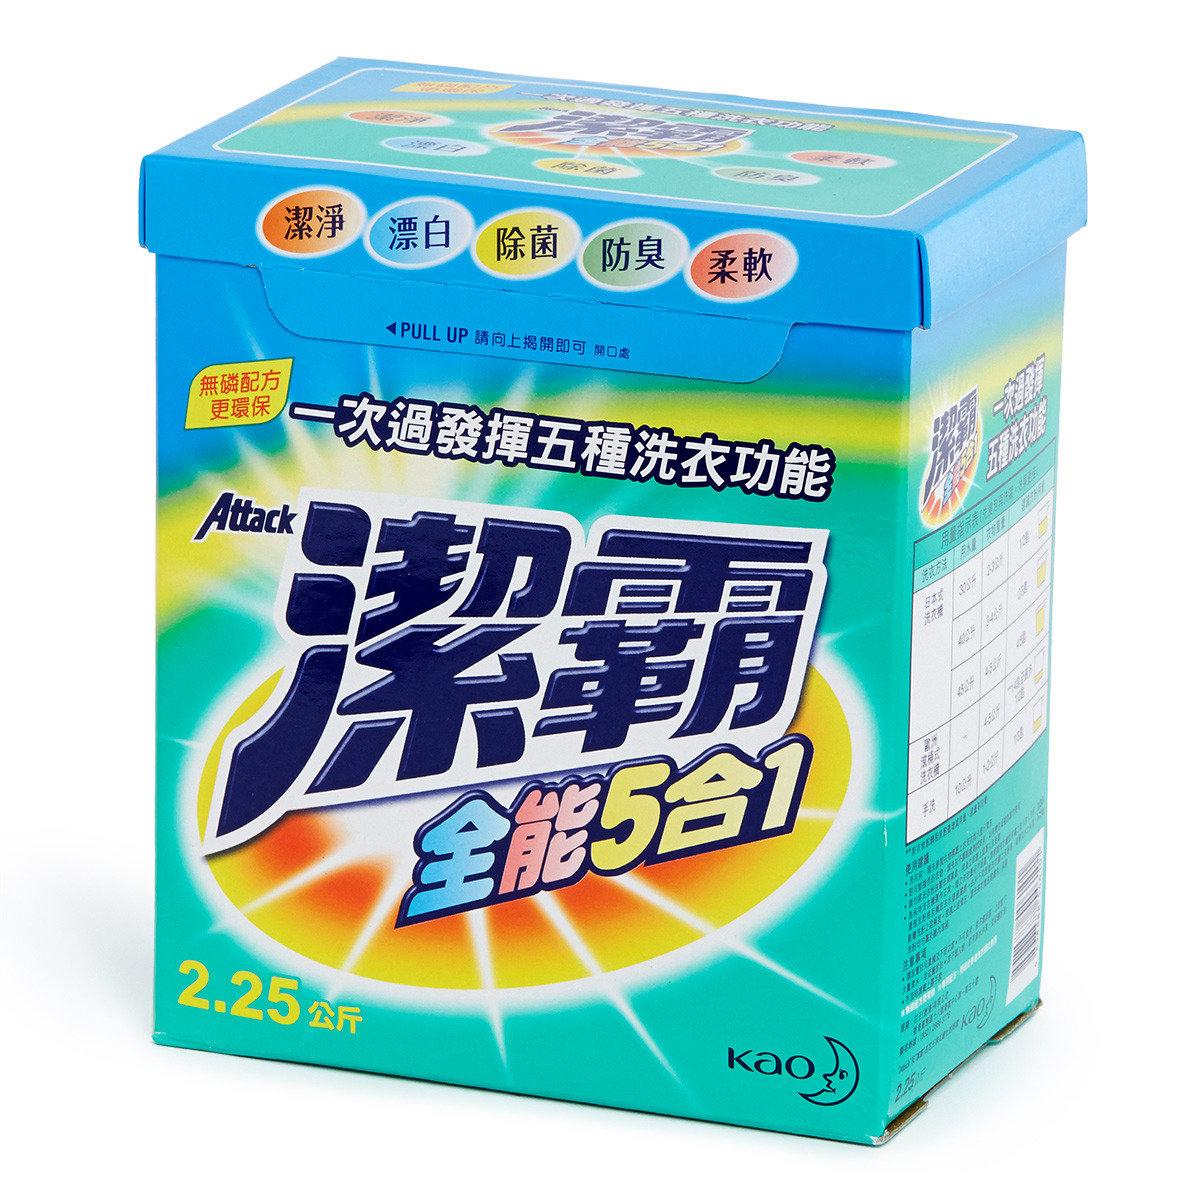 全能5合1超濃縮洗衣粉